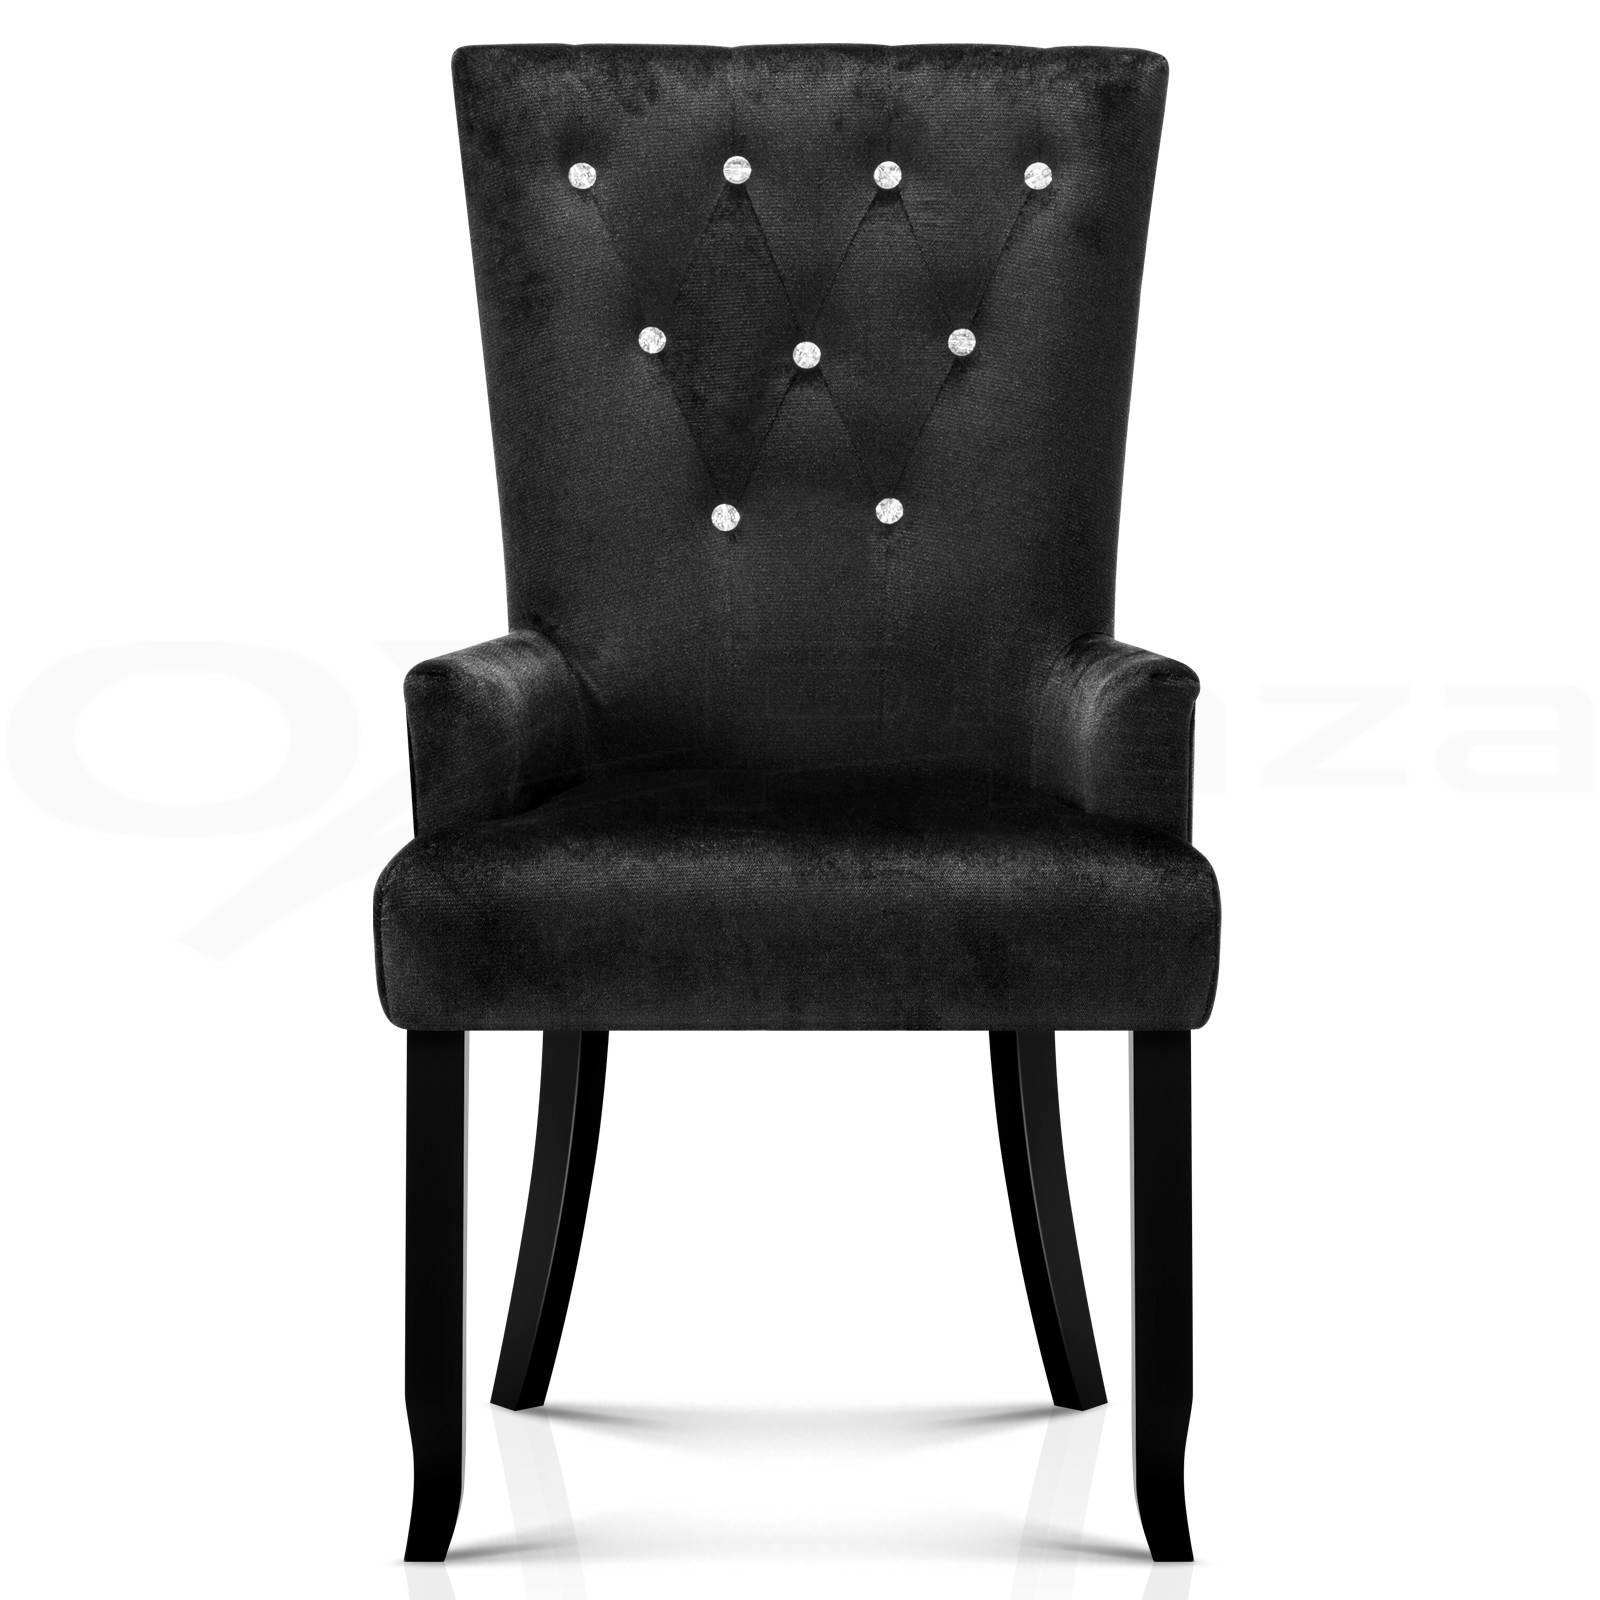 retro kitchen chairs black photo - 9